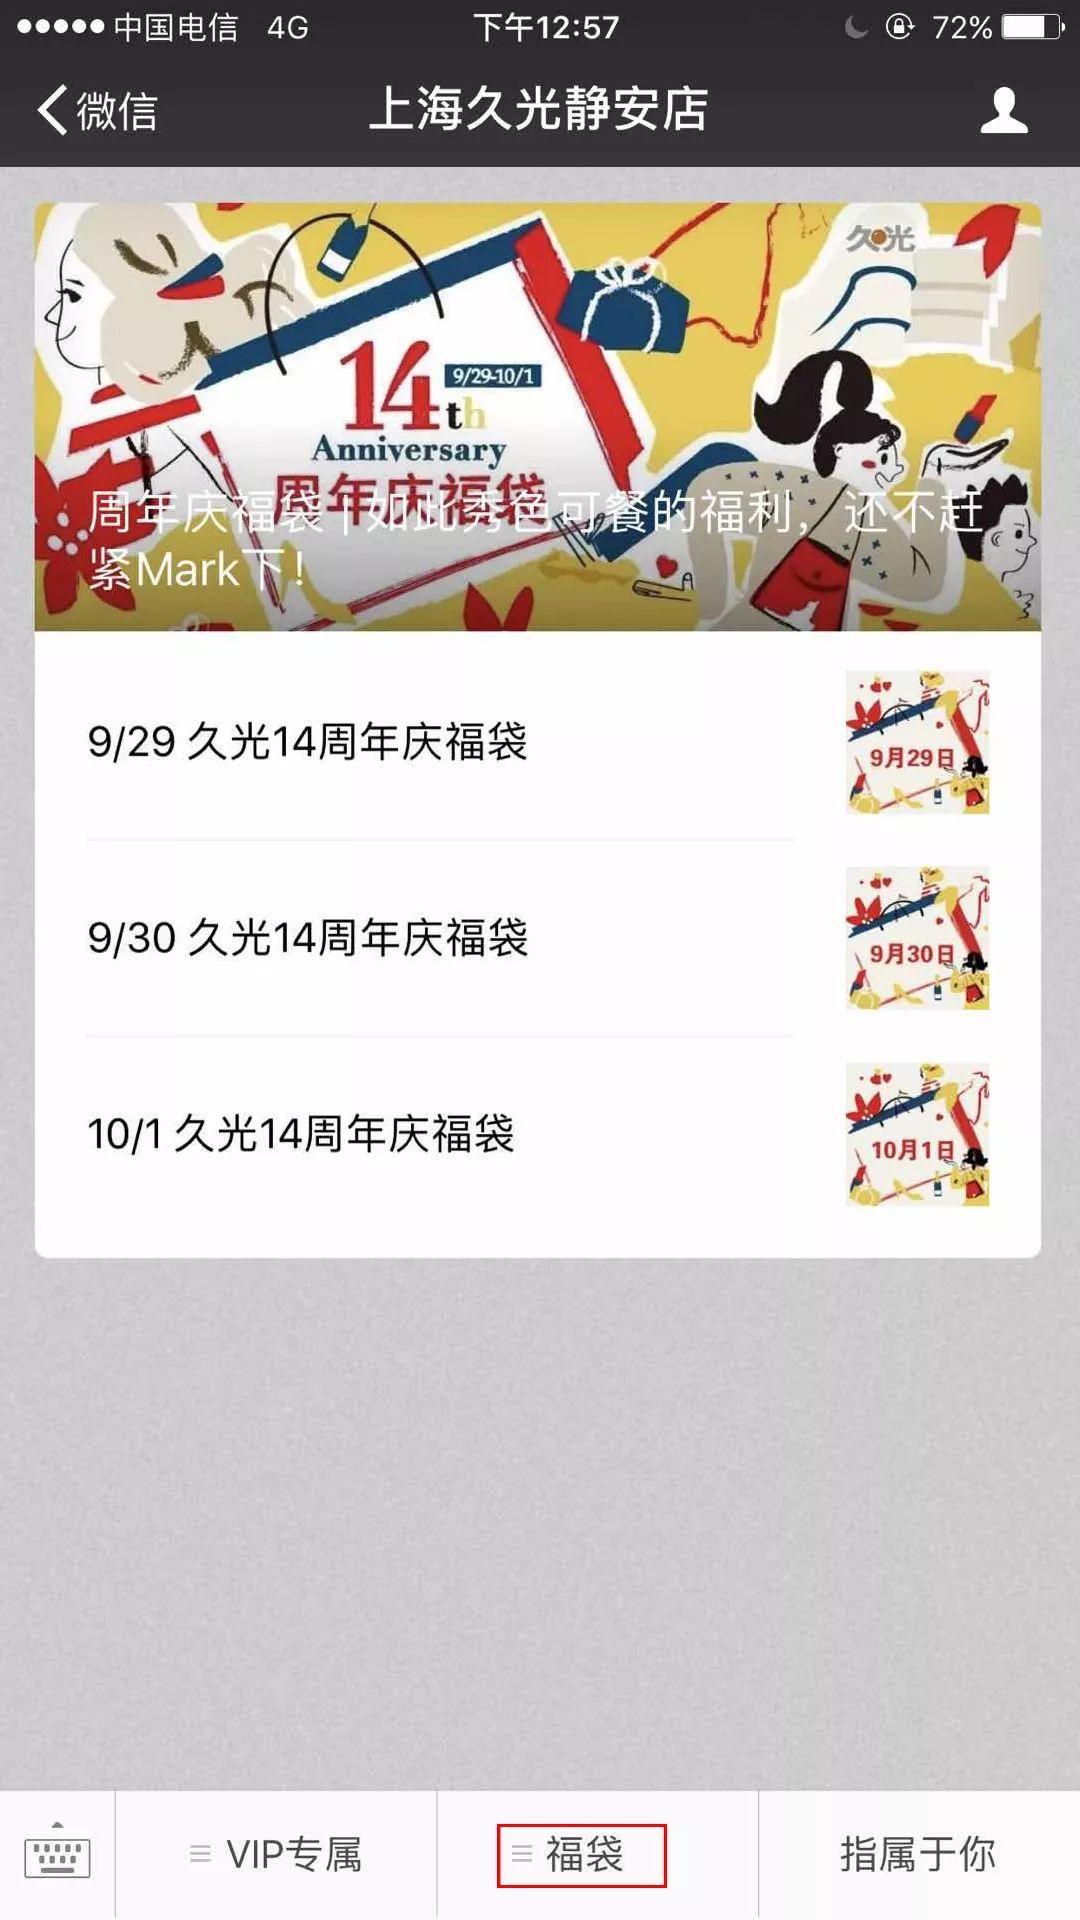 上海久光百货2018周年庆福袋一览